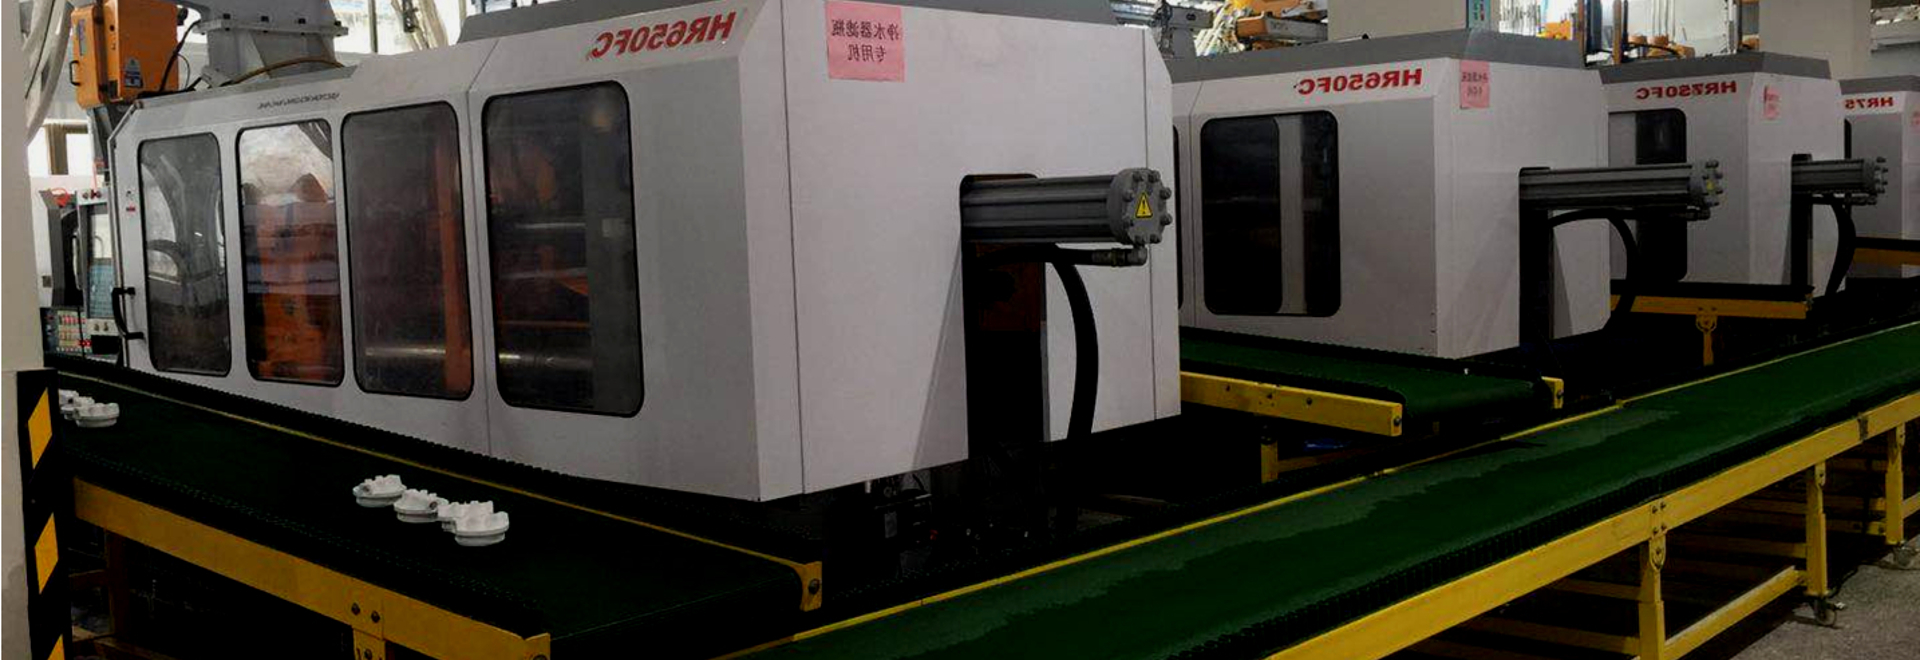 Accessori per filtri dell'acqua con Automation - Taiwan Injection Machine Manufacturer, HUARONG GROUP